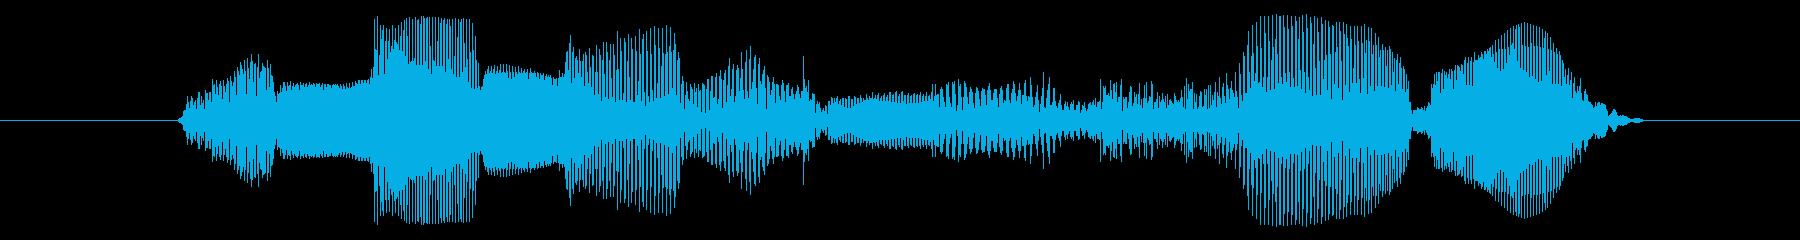 今なら貰える!【②愛嬌/アニメ声】の再生済みの波形